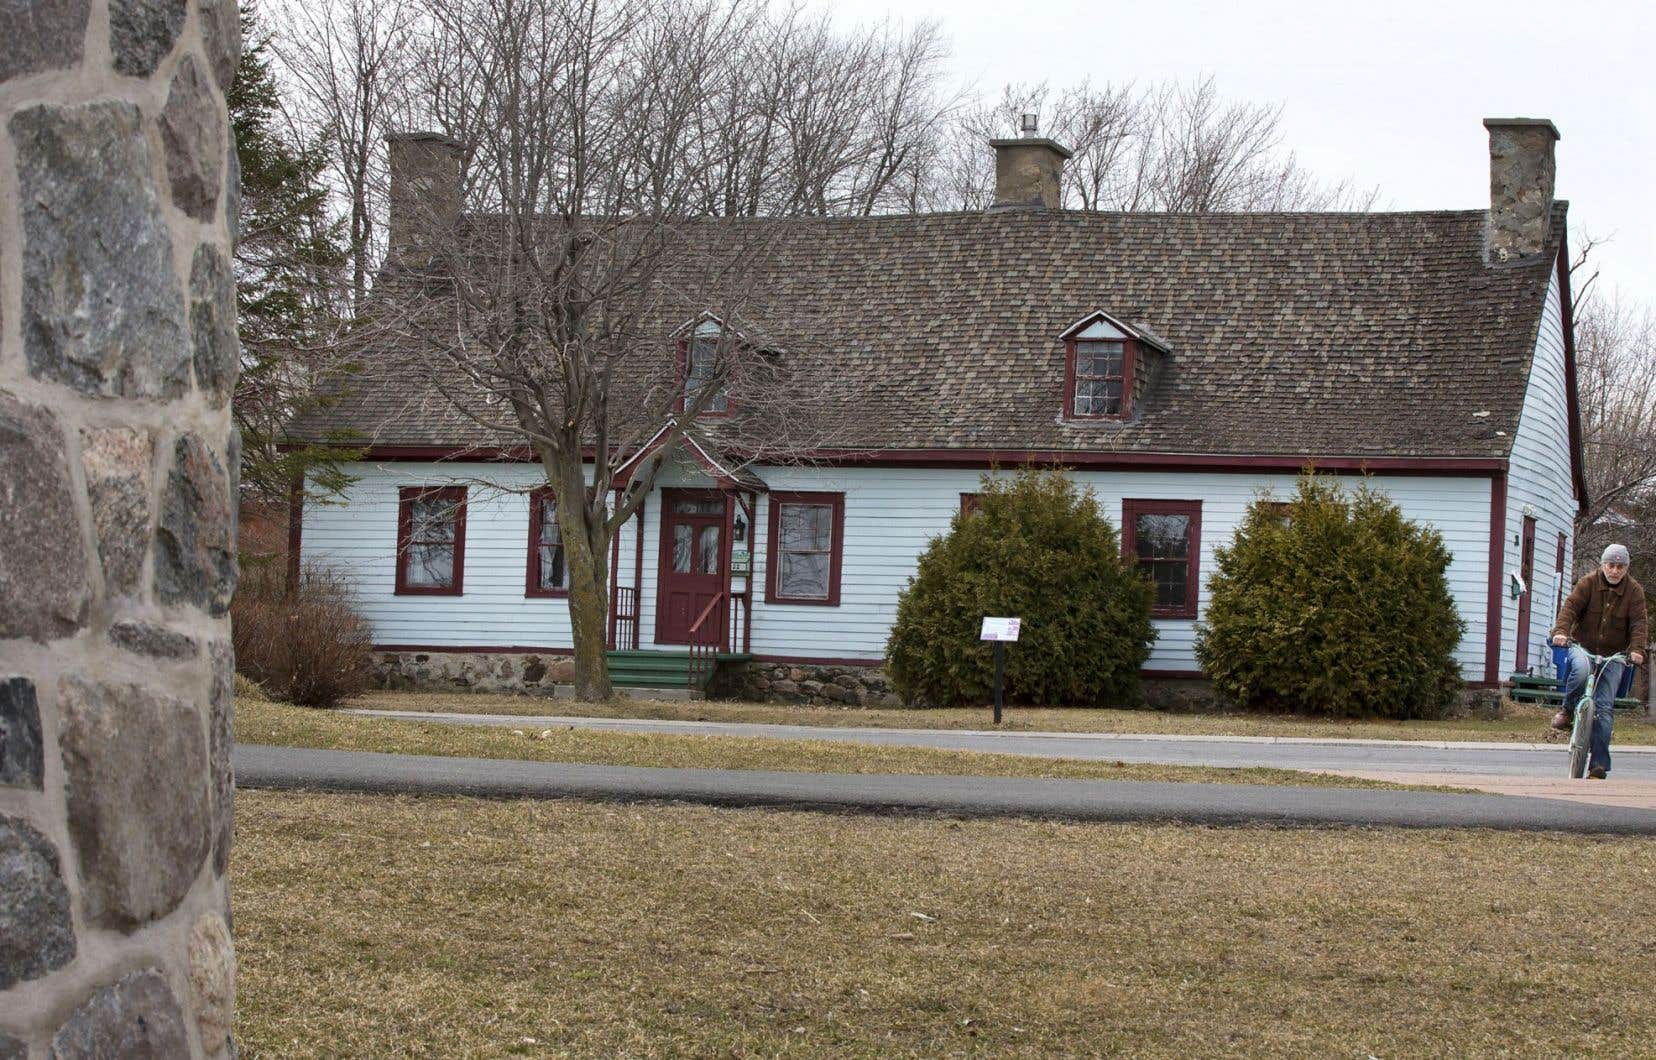 D'inspiration française, la maison Boileau, dont la construction remonterait au début du XIXesiècle, a appartenu au notaire René Boileau, et plusieurs assemblées politiques s'y sont tenues.